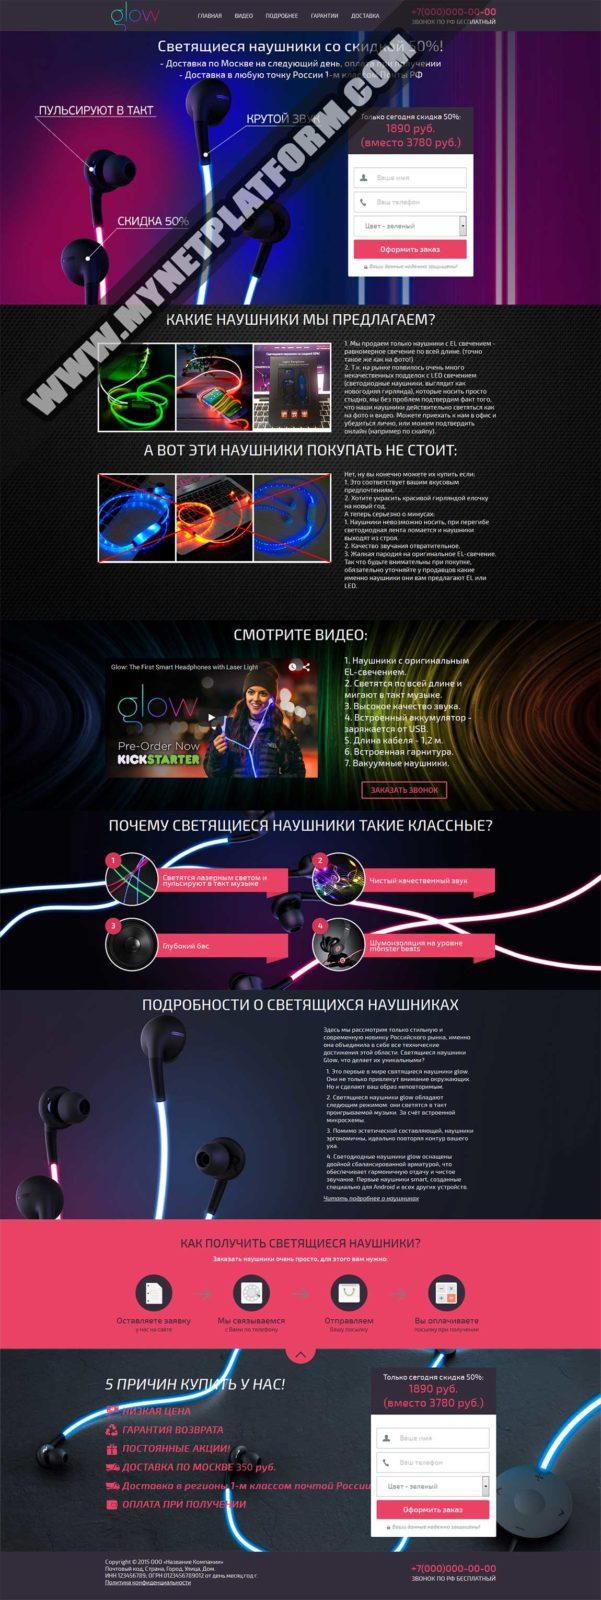 Скриншот лендинга Светящиеся наушники Glow stereo 002